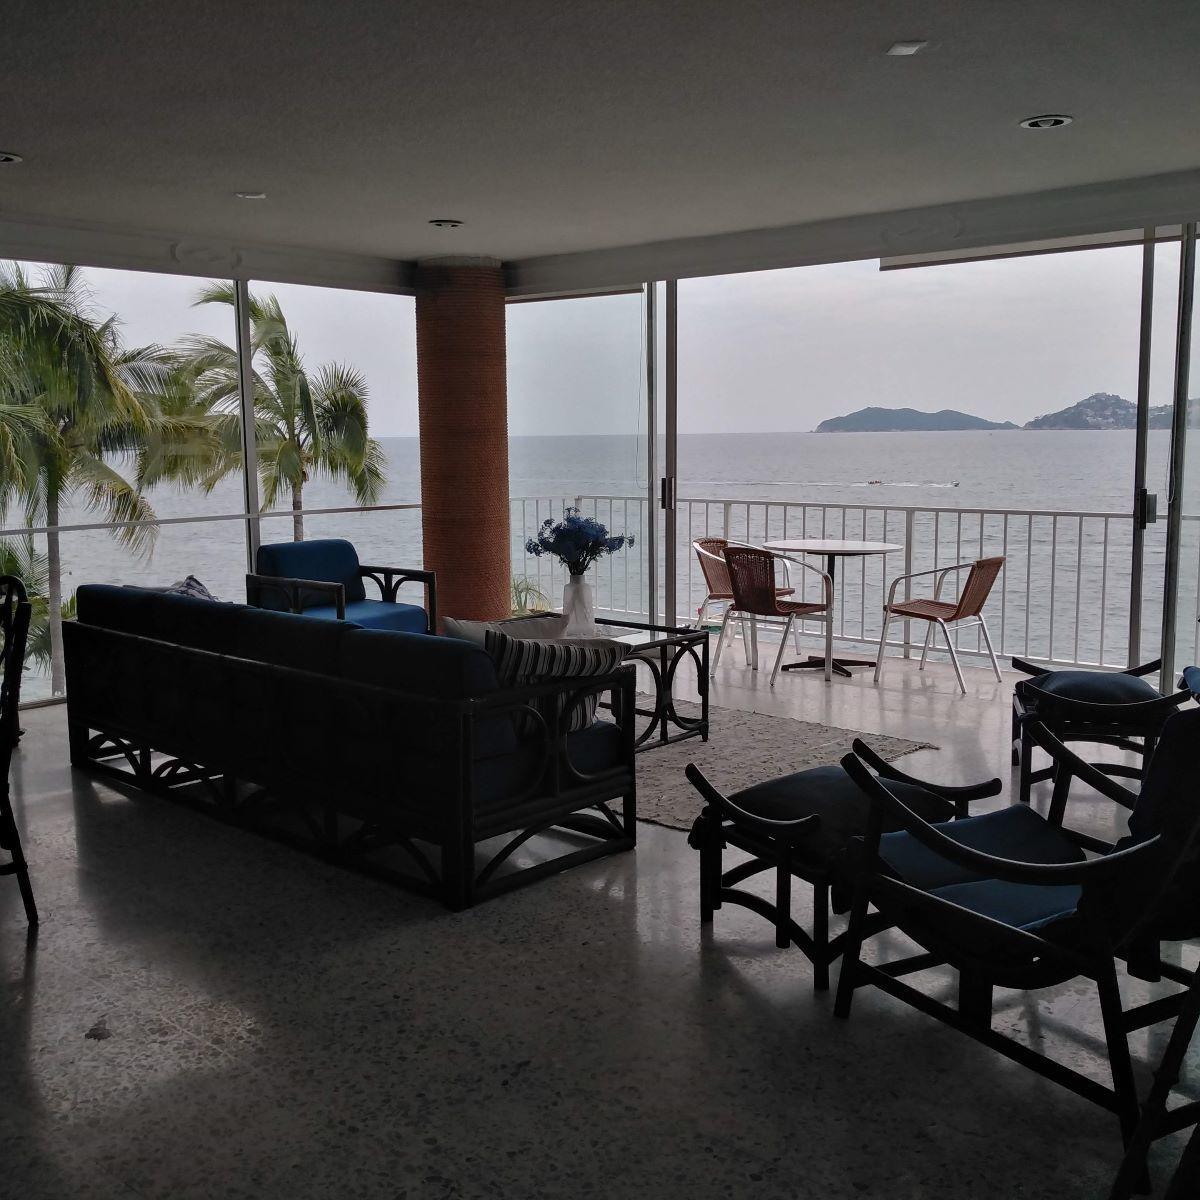 24 de 24: sala con ventanería panorámica con vista al mar